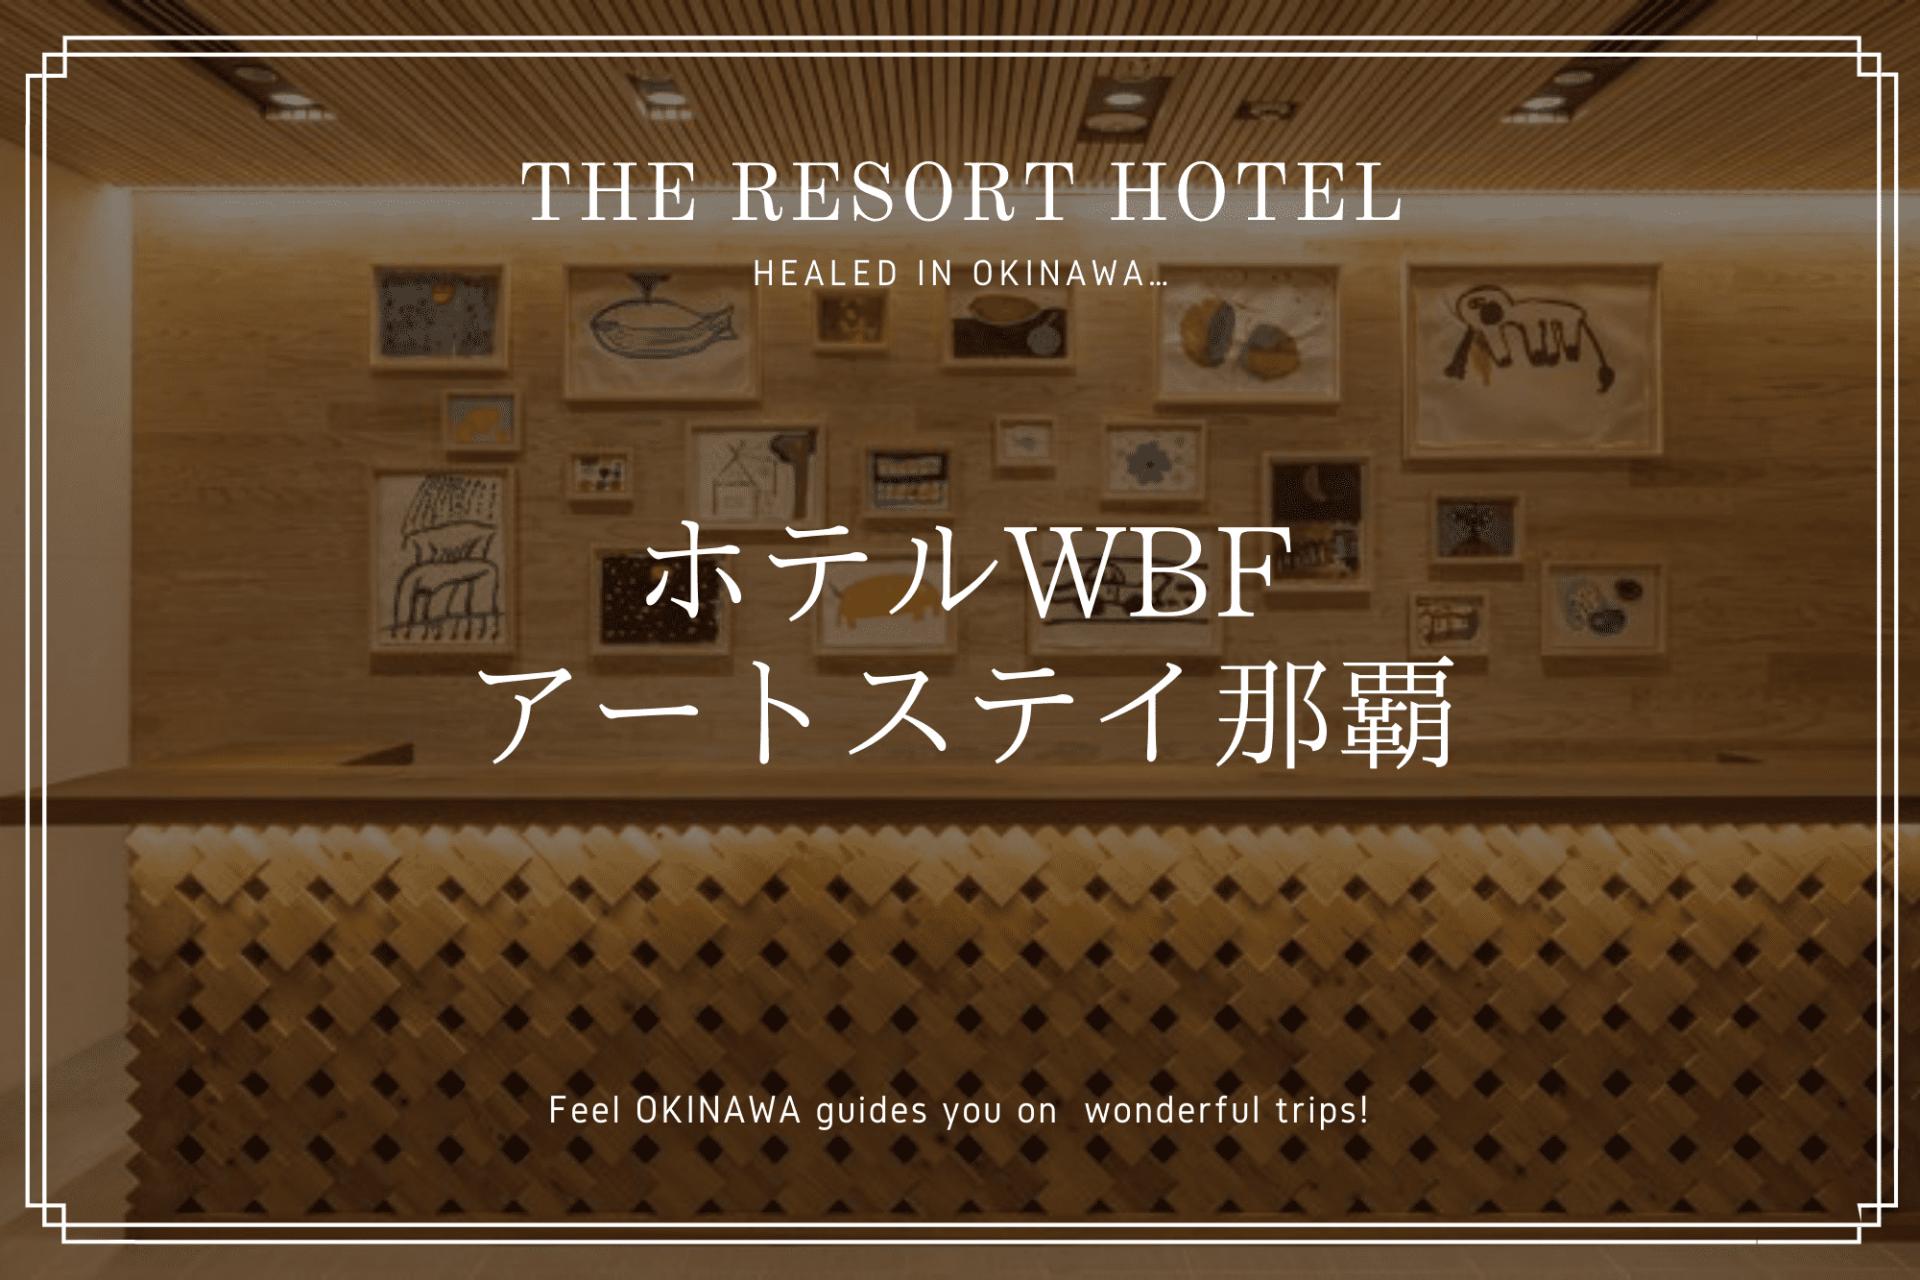 ホテル WBF アートステイ 那覇 国際通り 沖縄 旅行 観光 宿泊